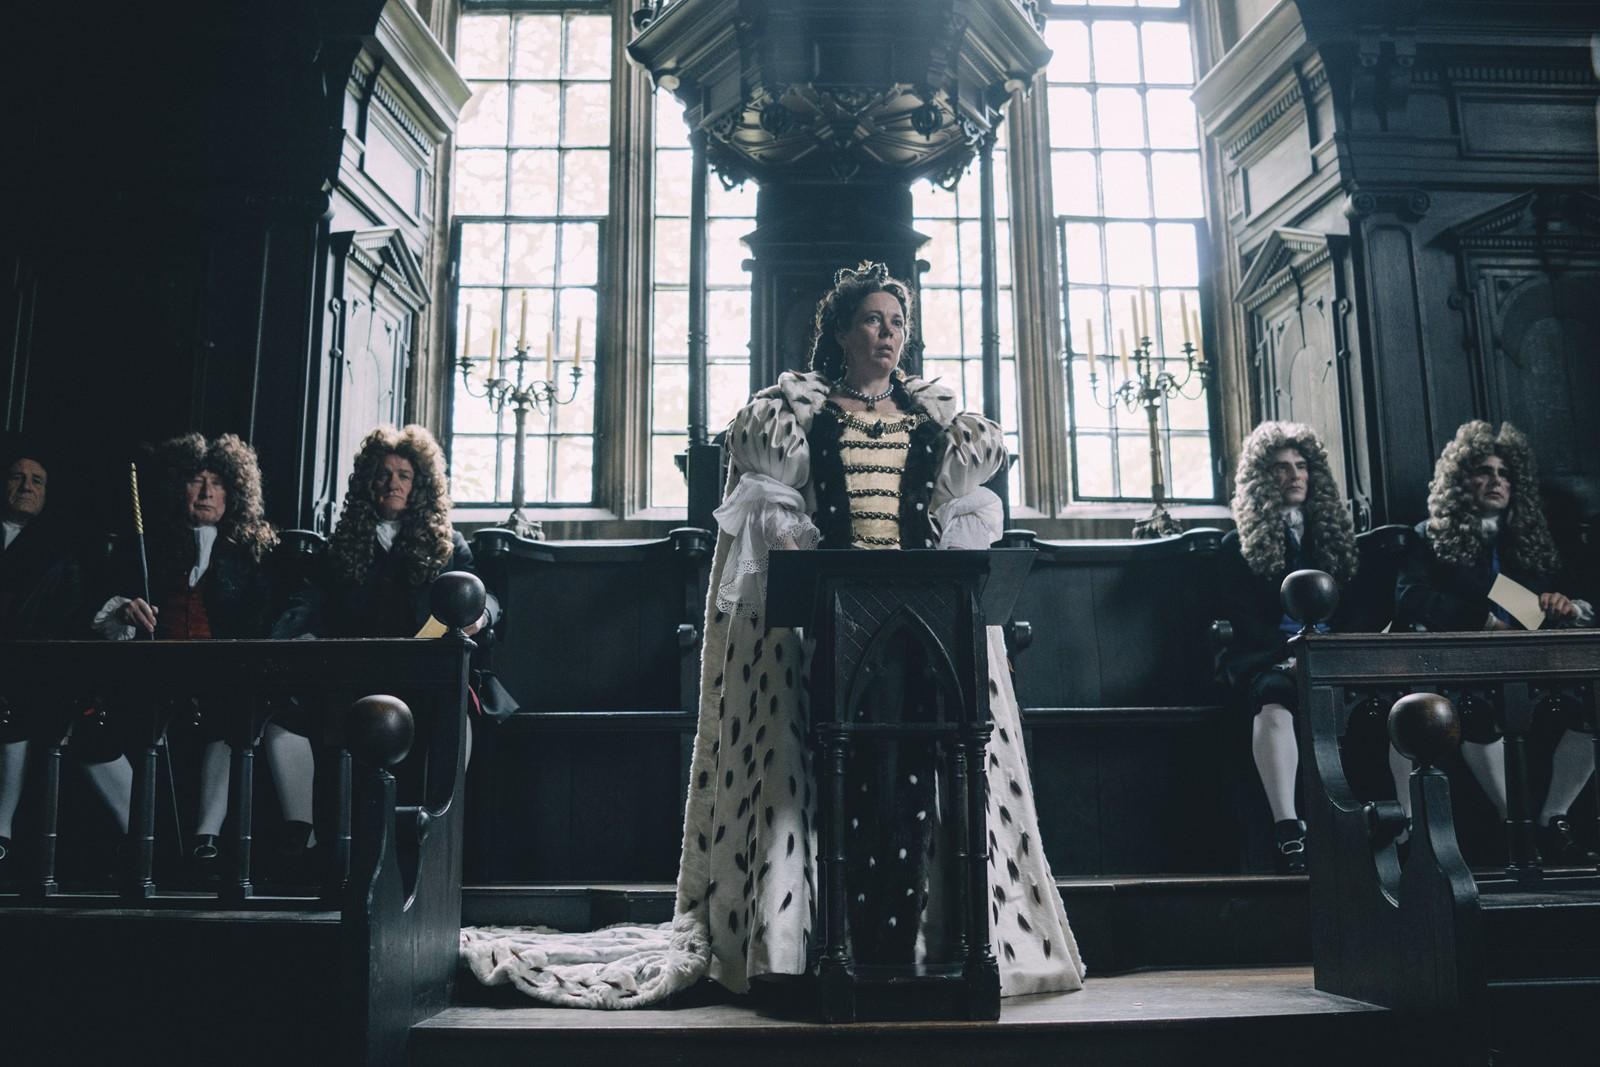 Why do royal dramas reign? - City